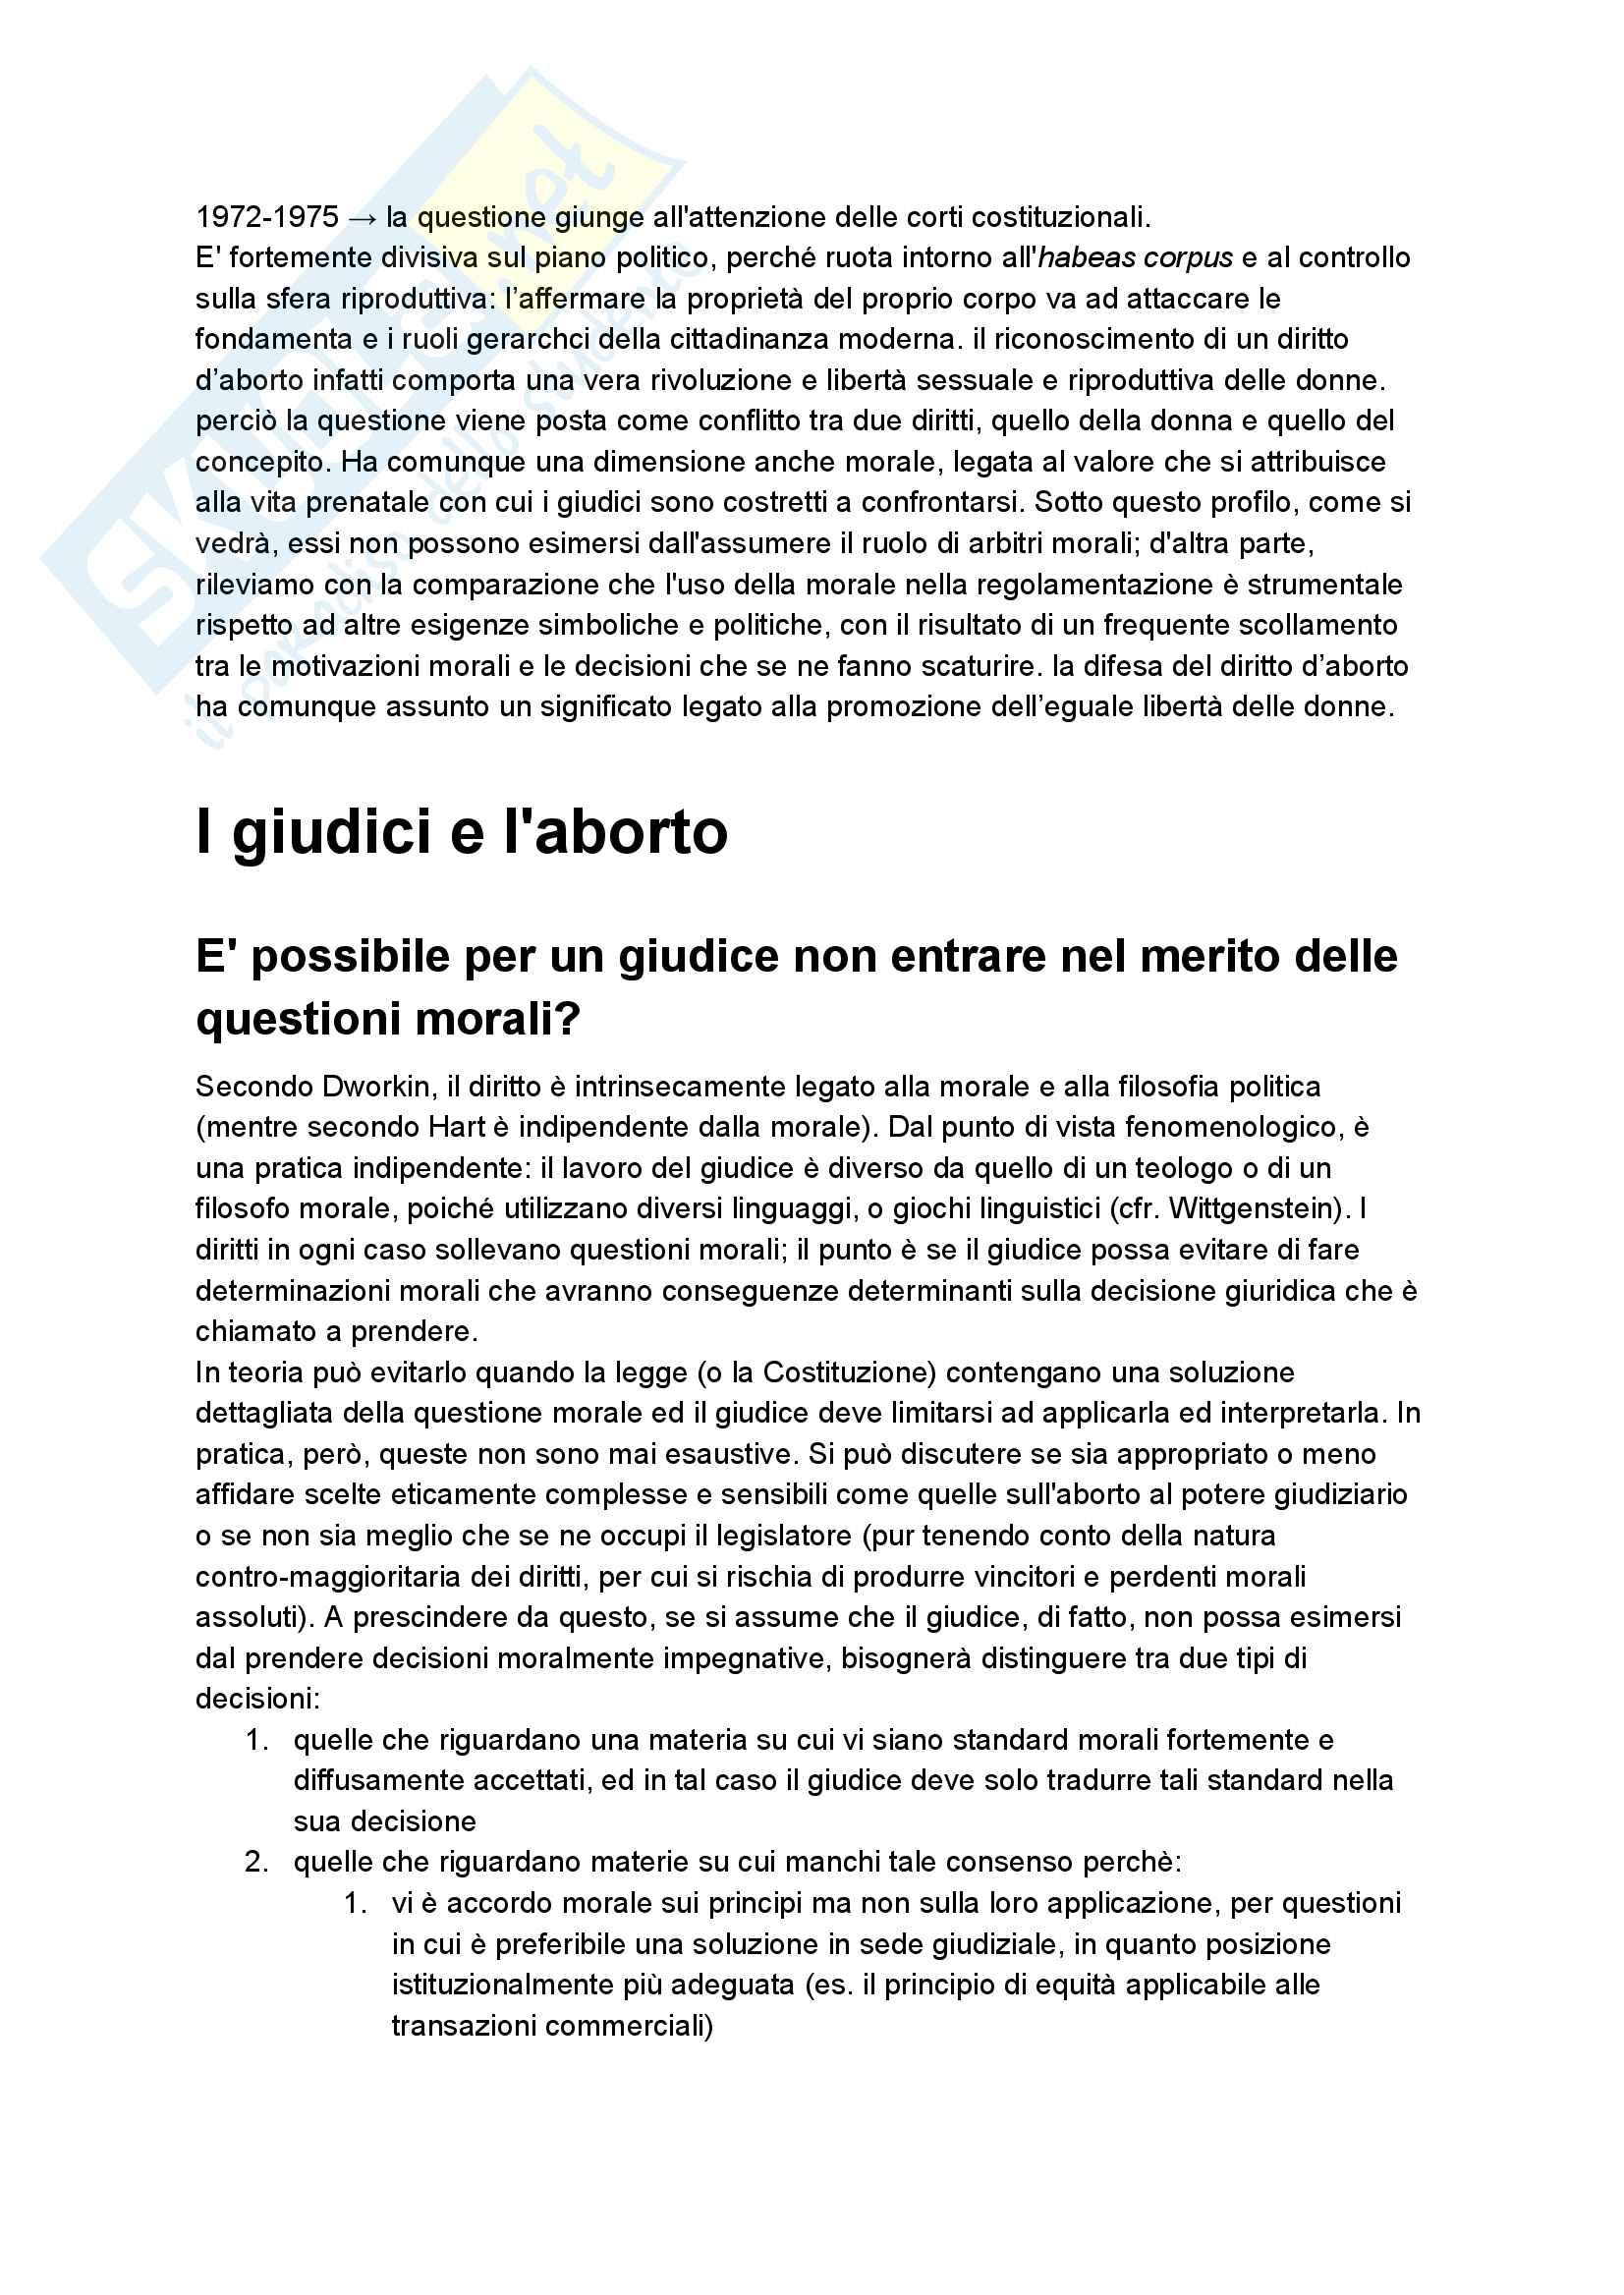 Riassunto esame diritto pubblico comparato, professoressa Mancini, tema dell'aborto Pag. 2